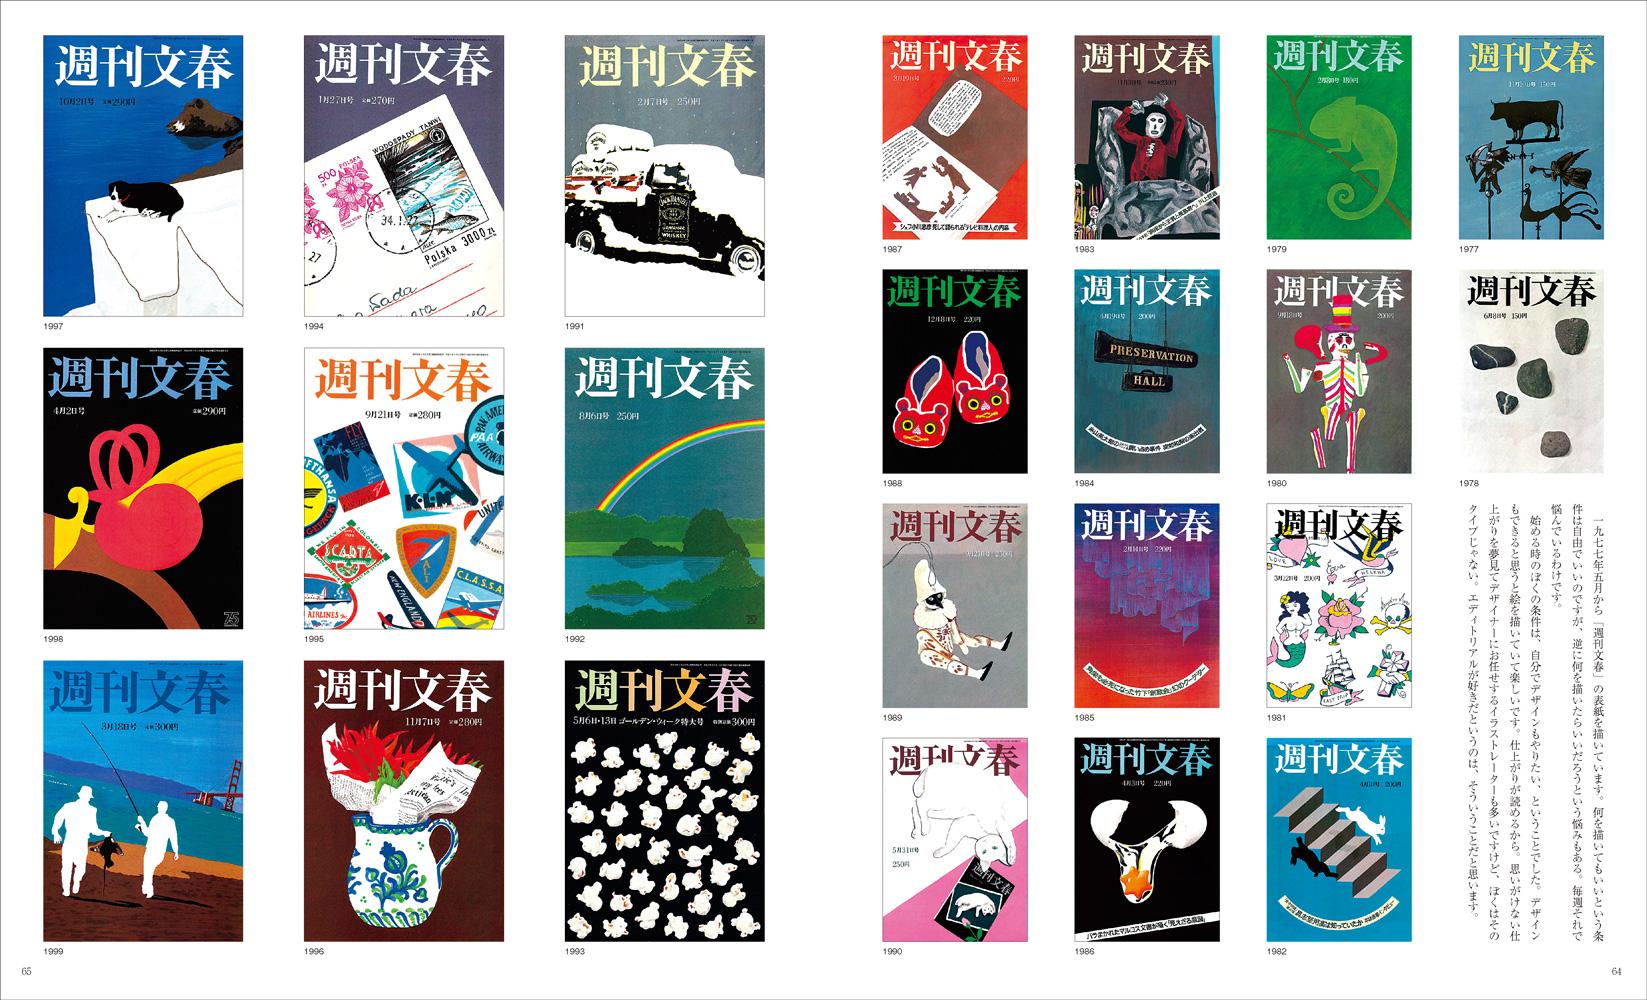 和田誠-時間旅行-週刊文春の表紙